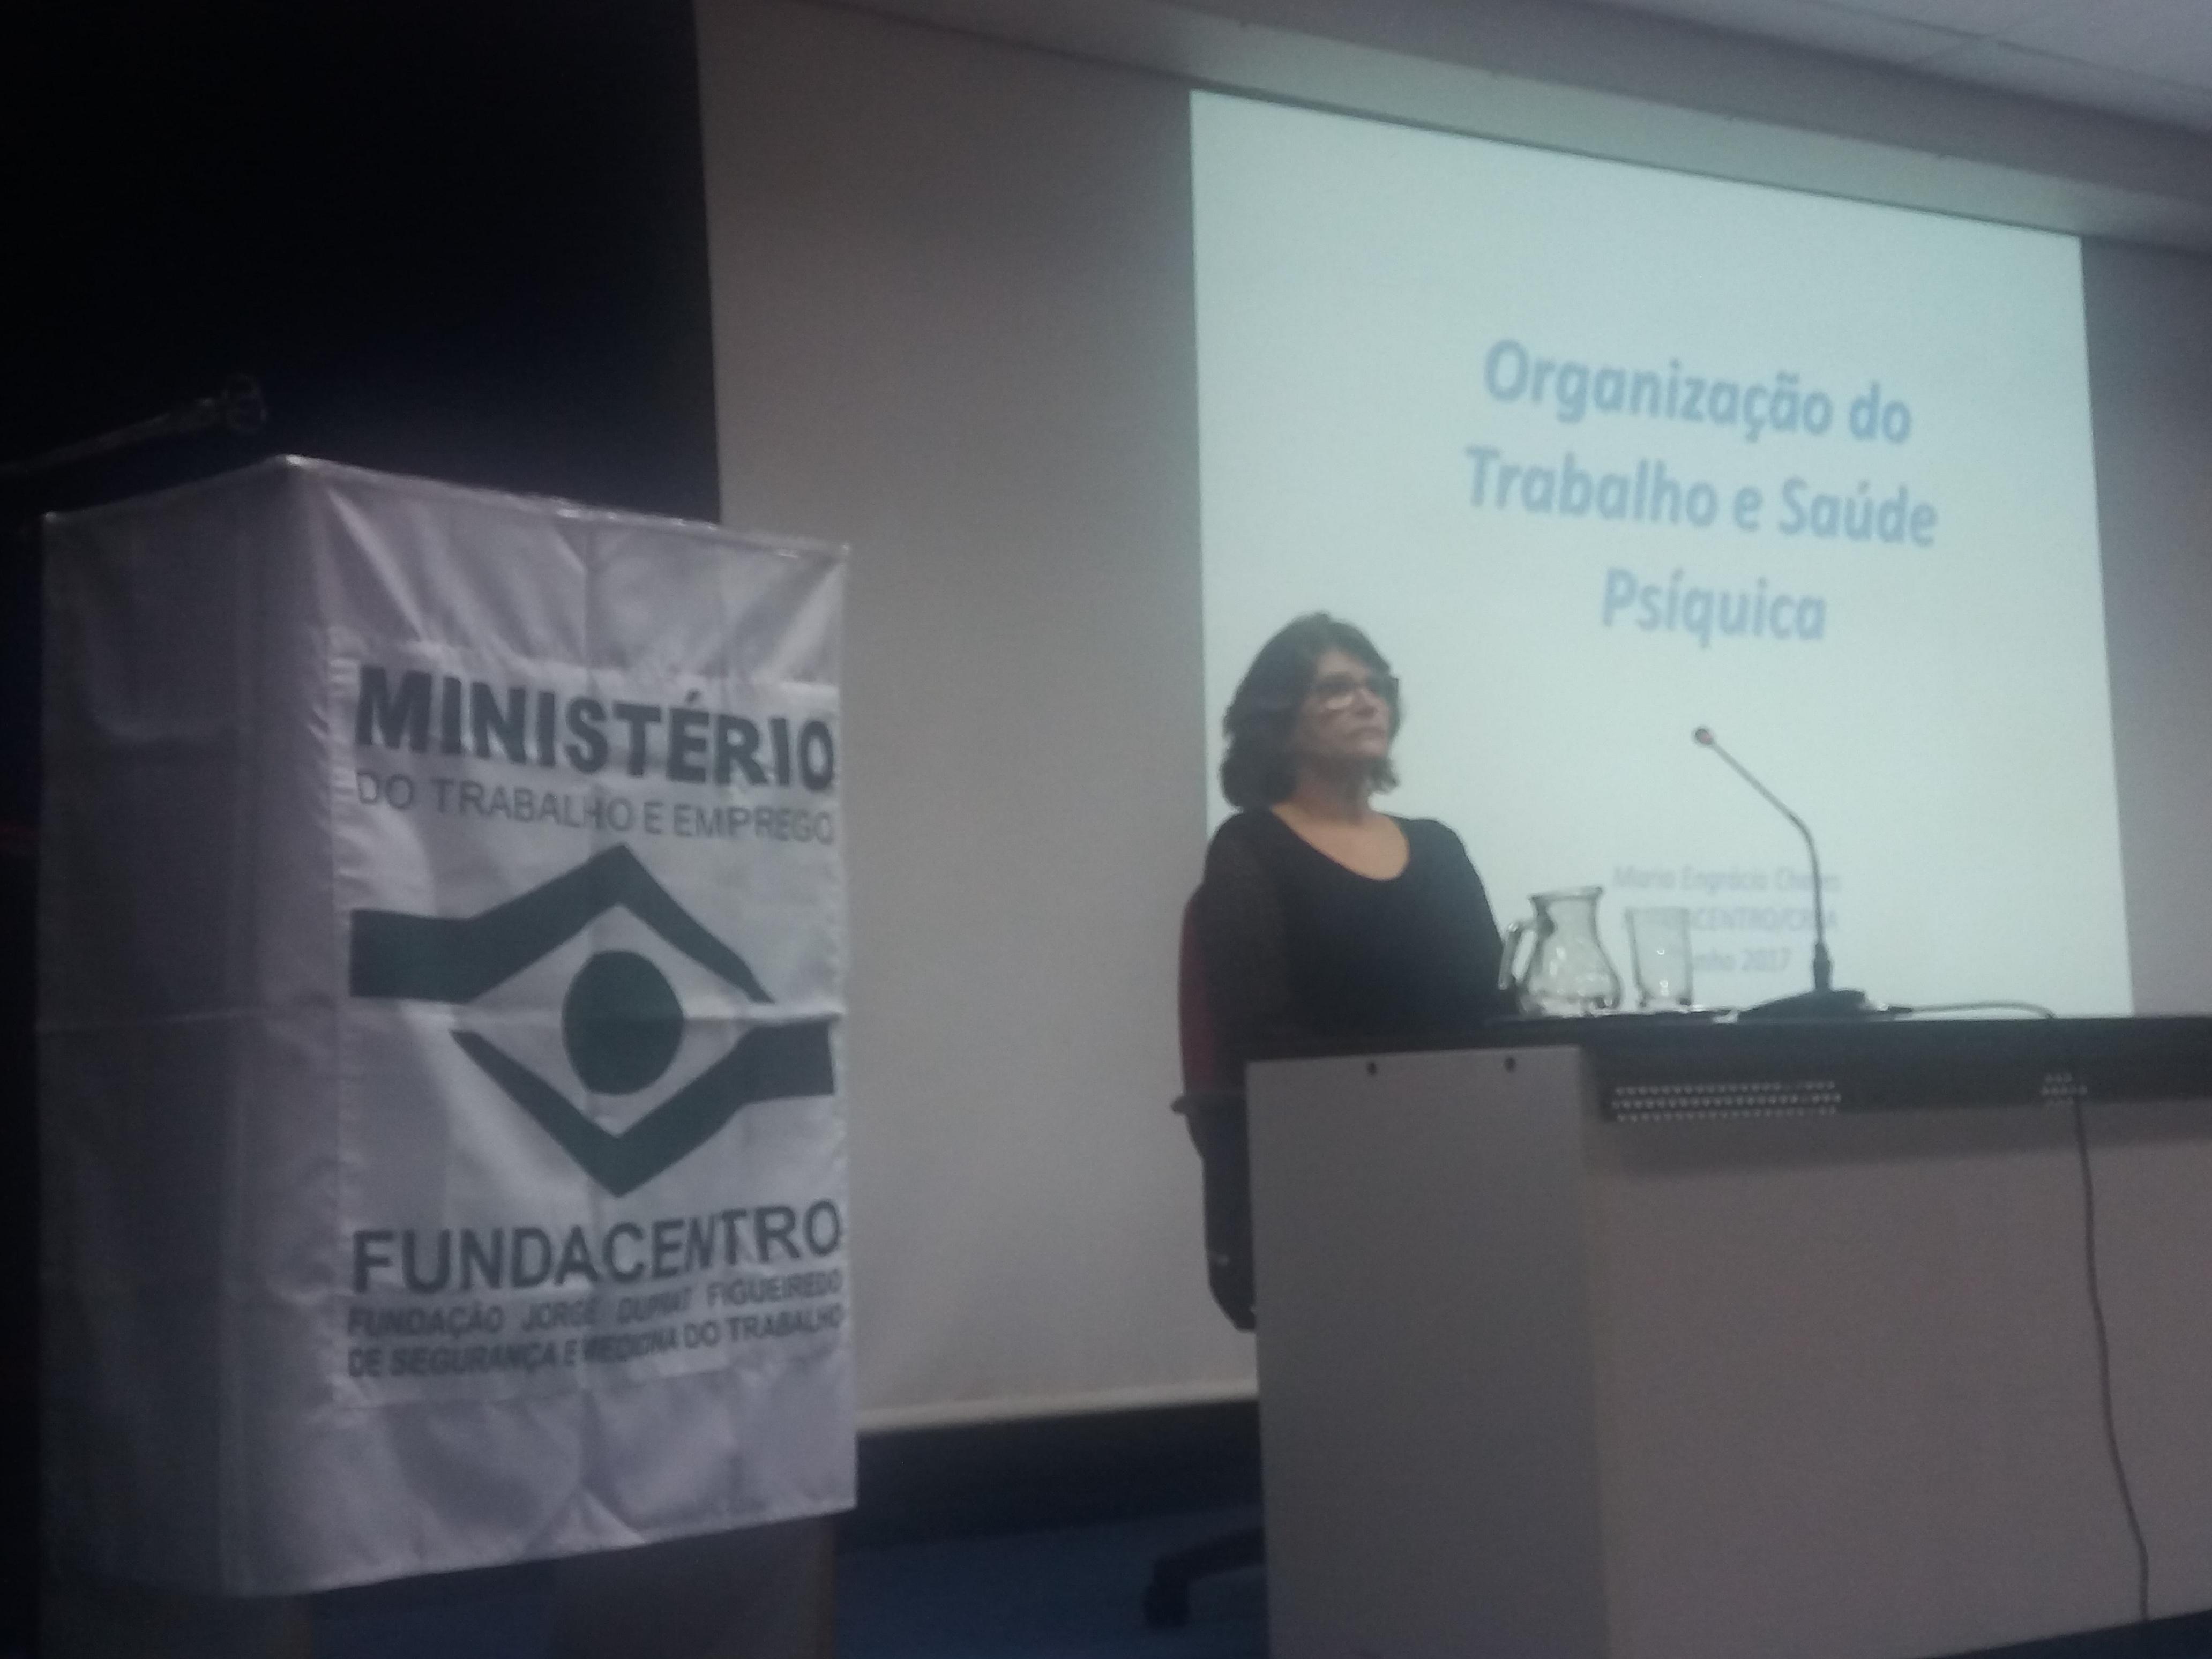 Sinttel participa de palestra sobre organização do trabalho promovida pela Fundacentro